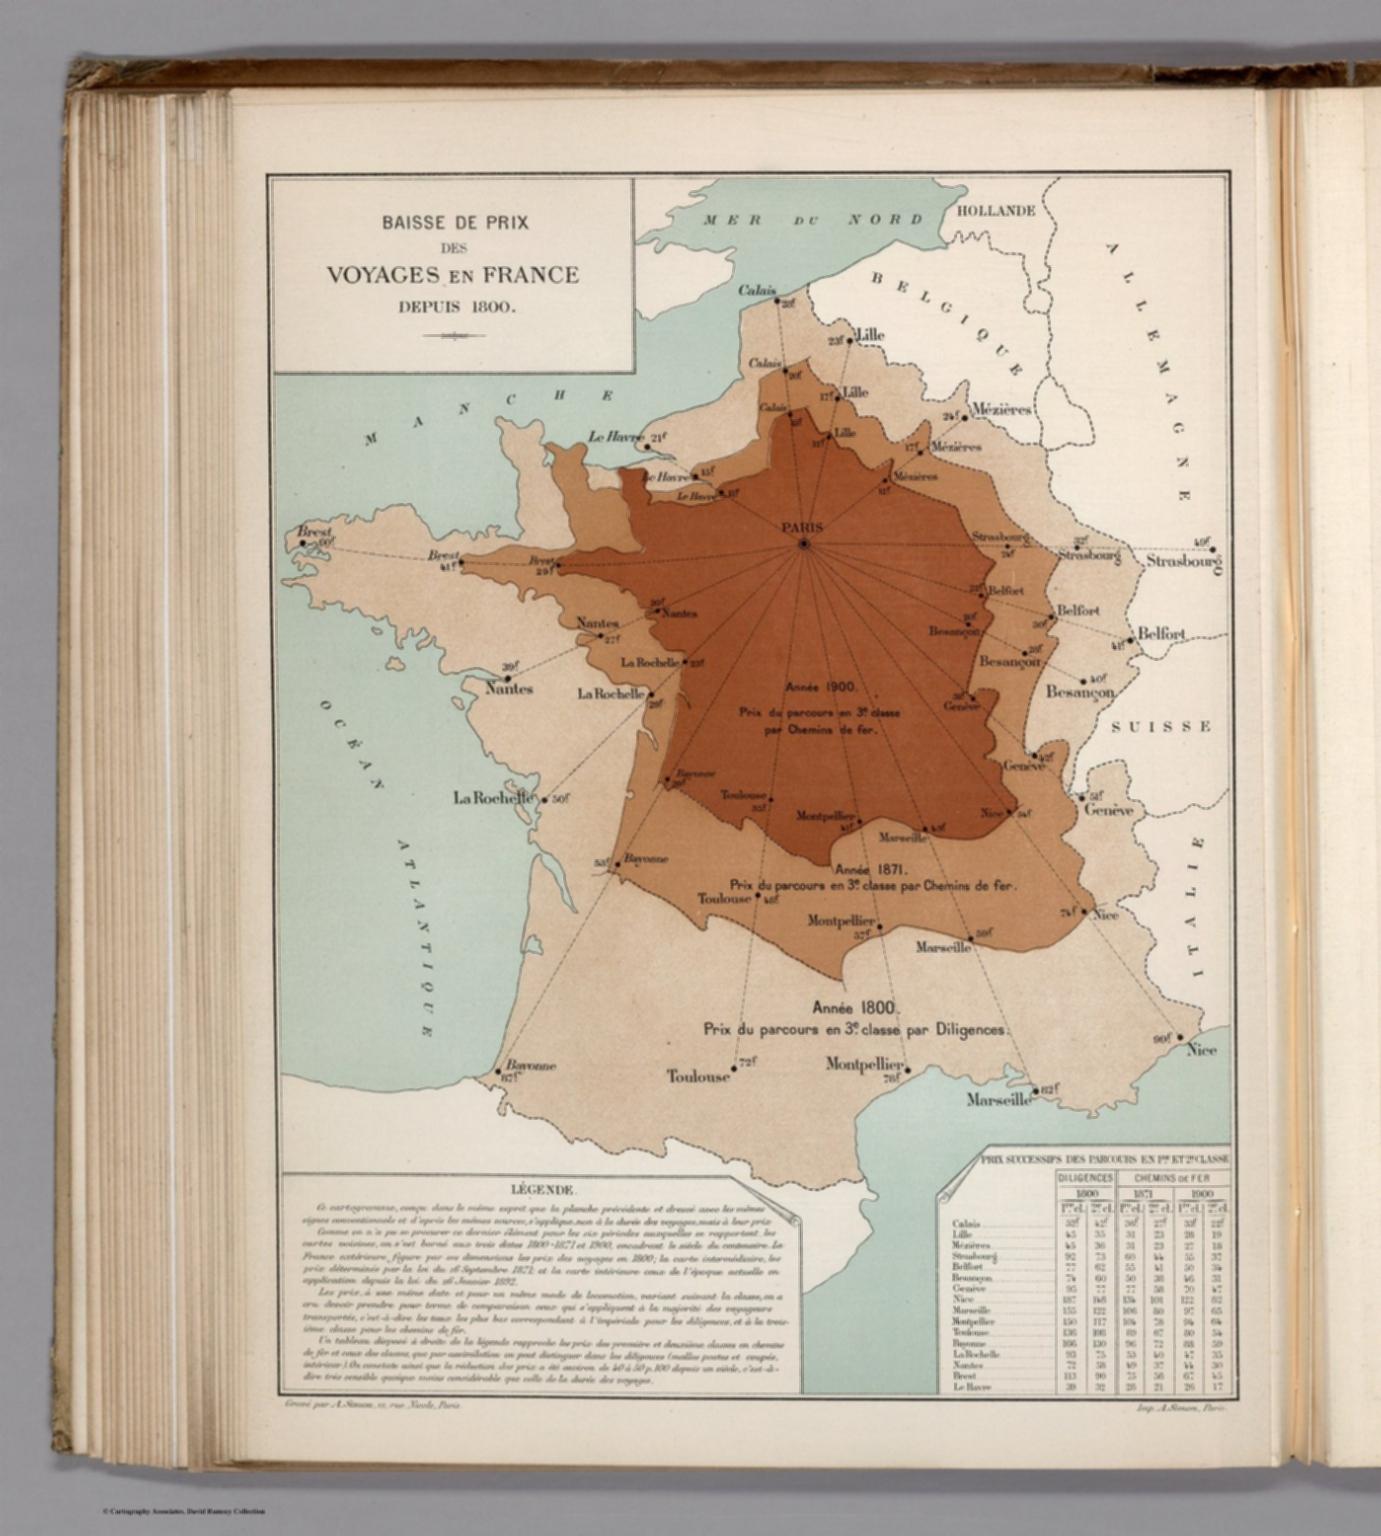 Baisse de Prix des Voyages en France depuis 1800.